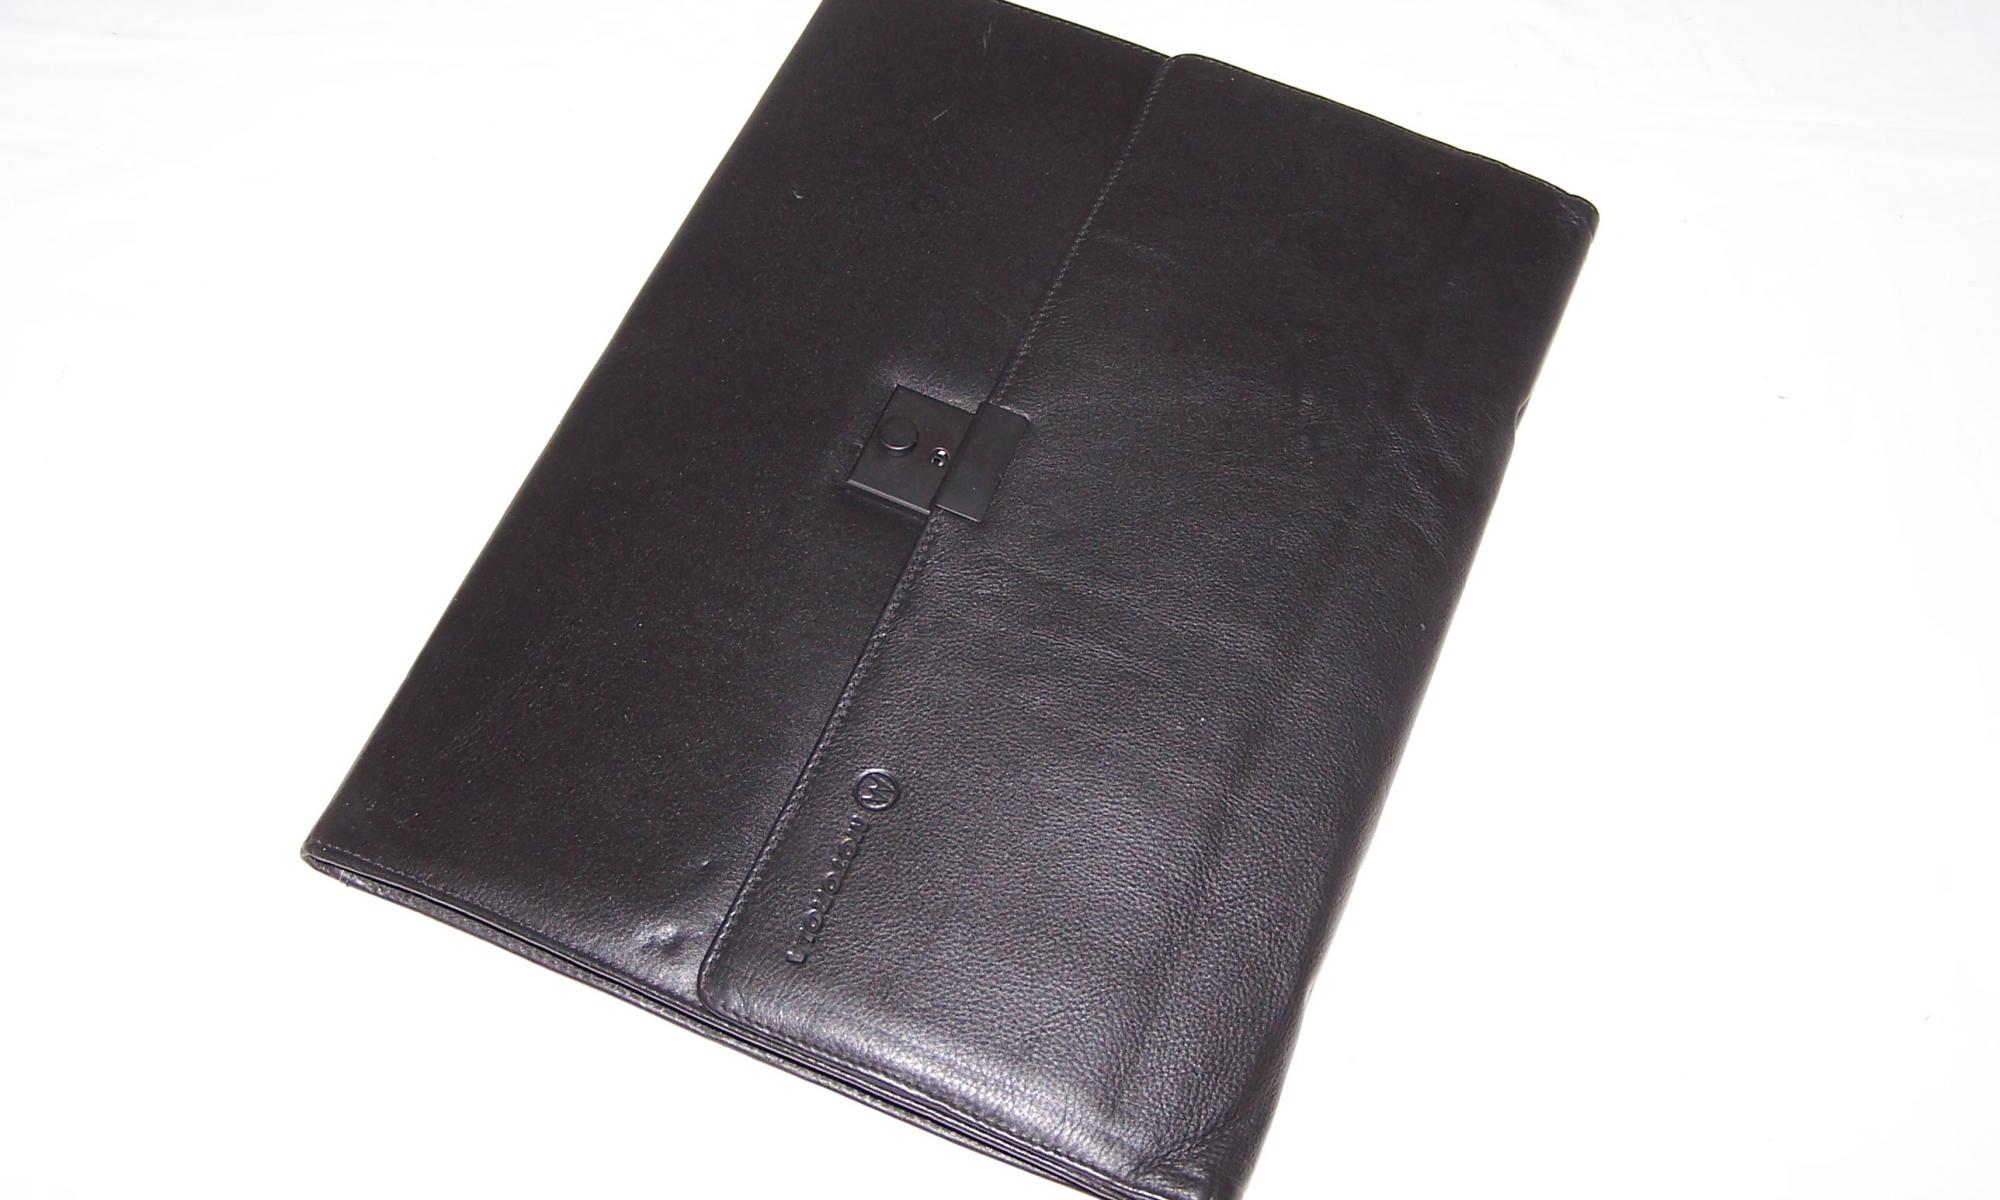 Büro - Ablage & Archiv - abschließbare Schreibmappe DIN A4